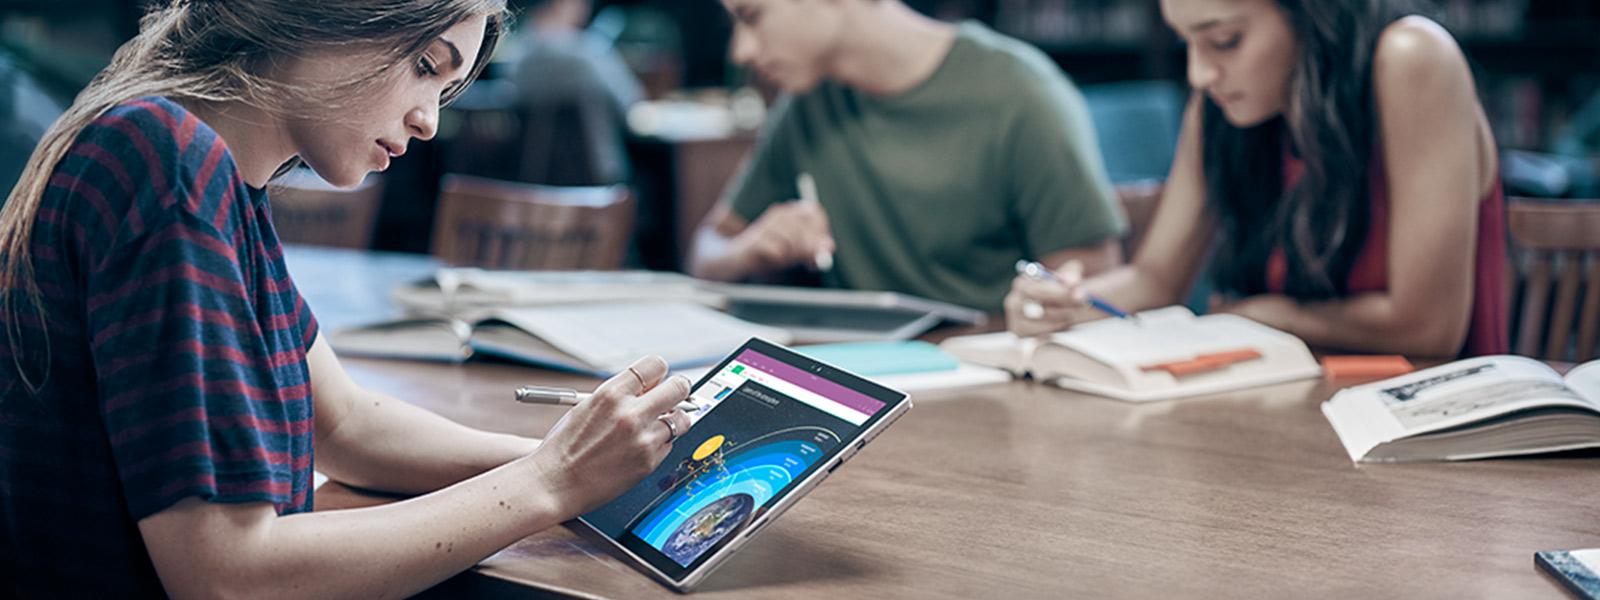 นักเรียนกำลังทำงานด้วย Surface Pro 4 ในห้องสมุด